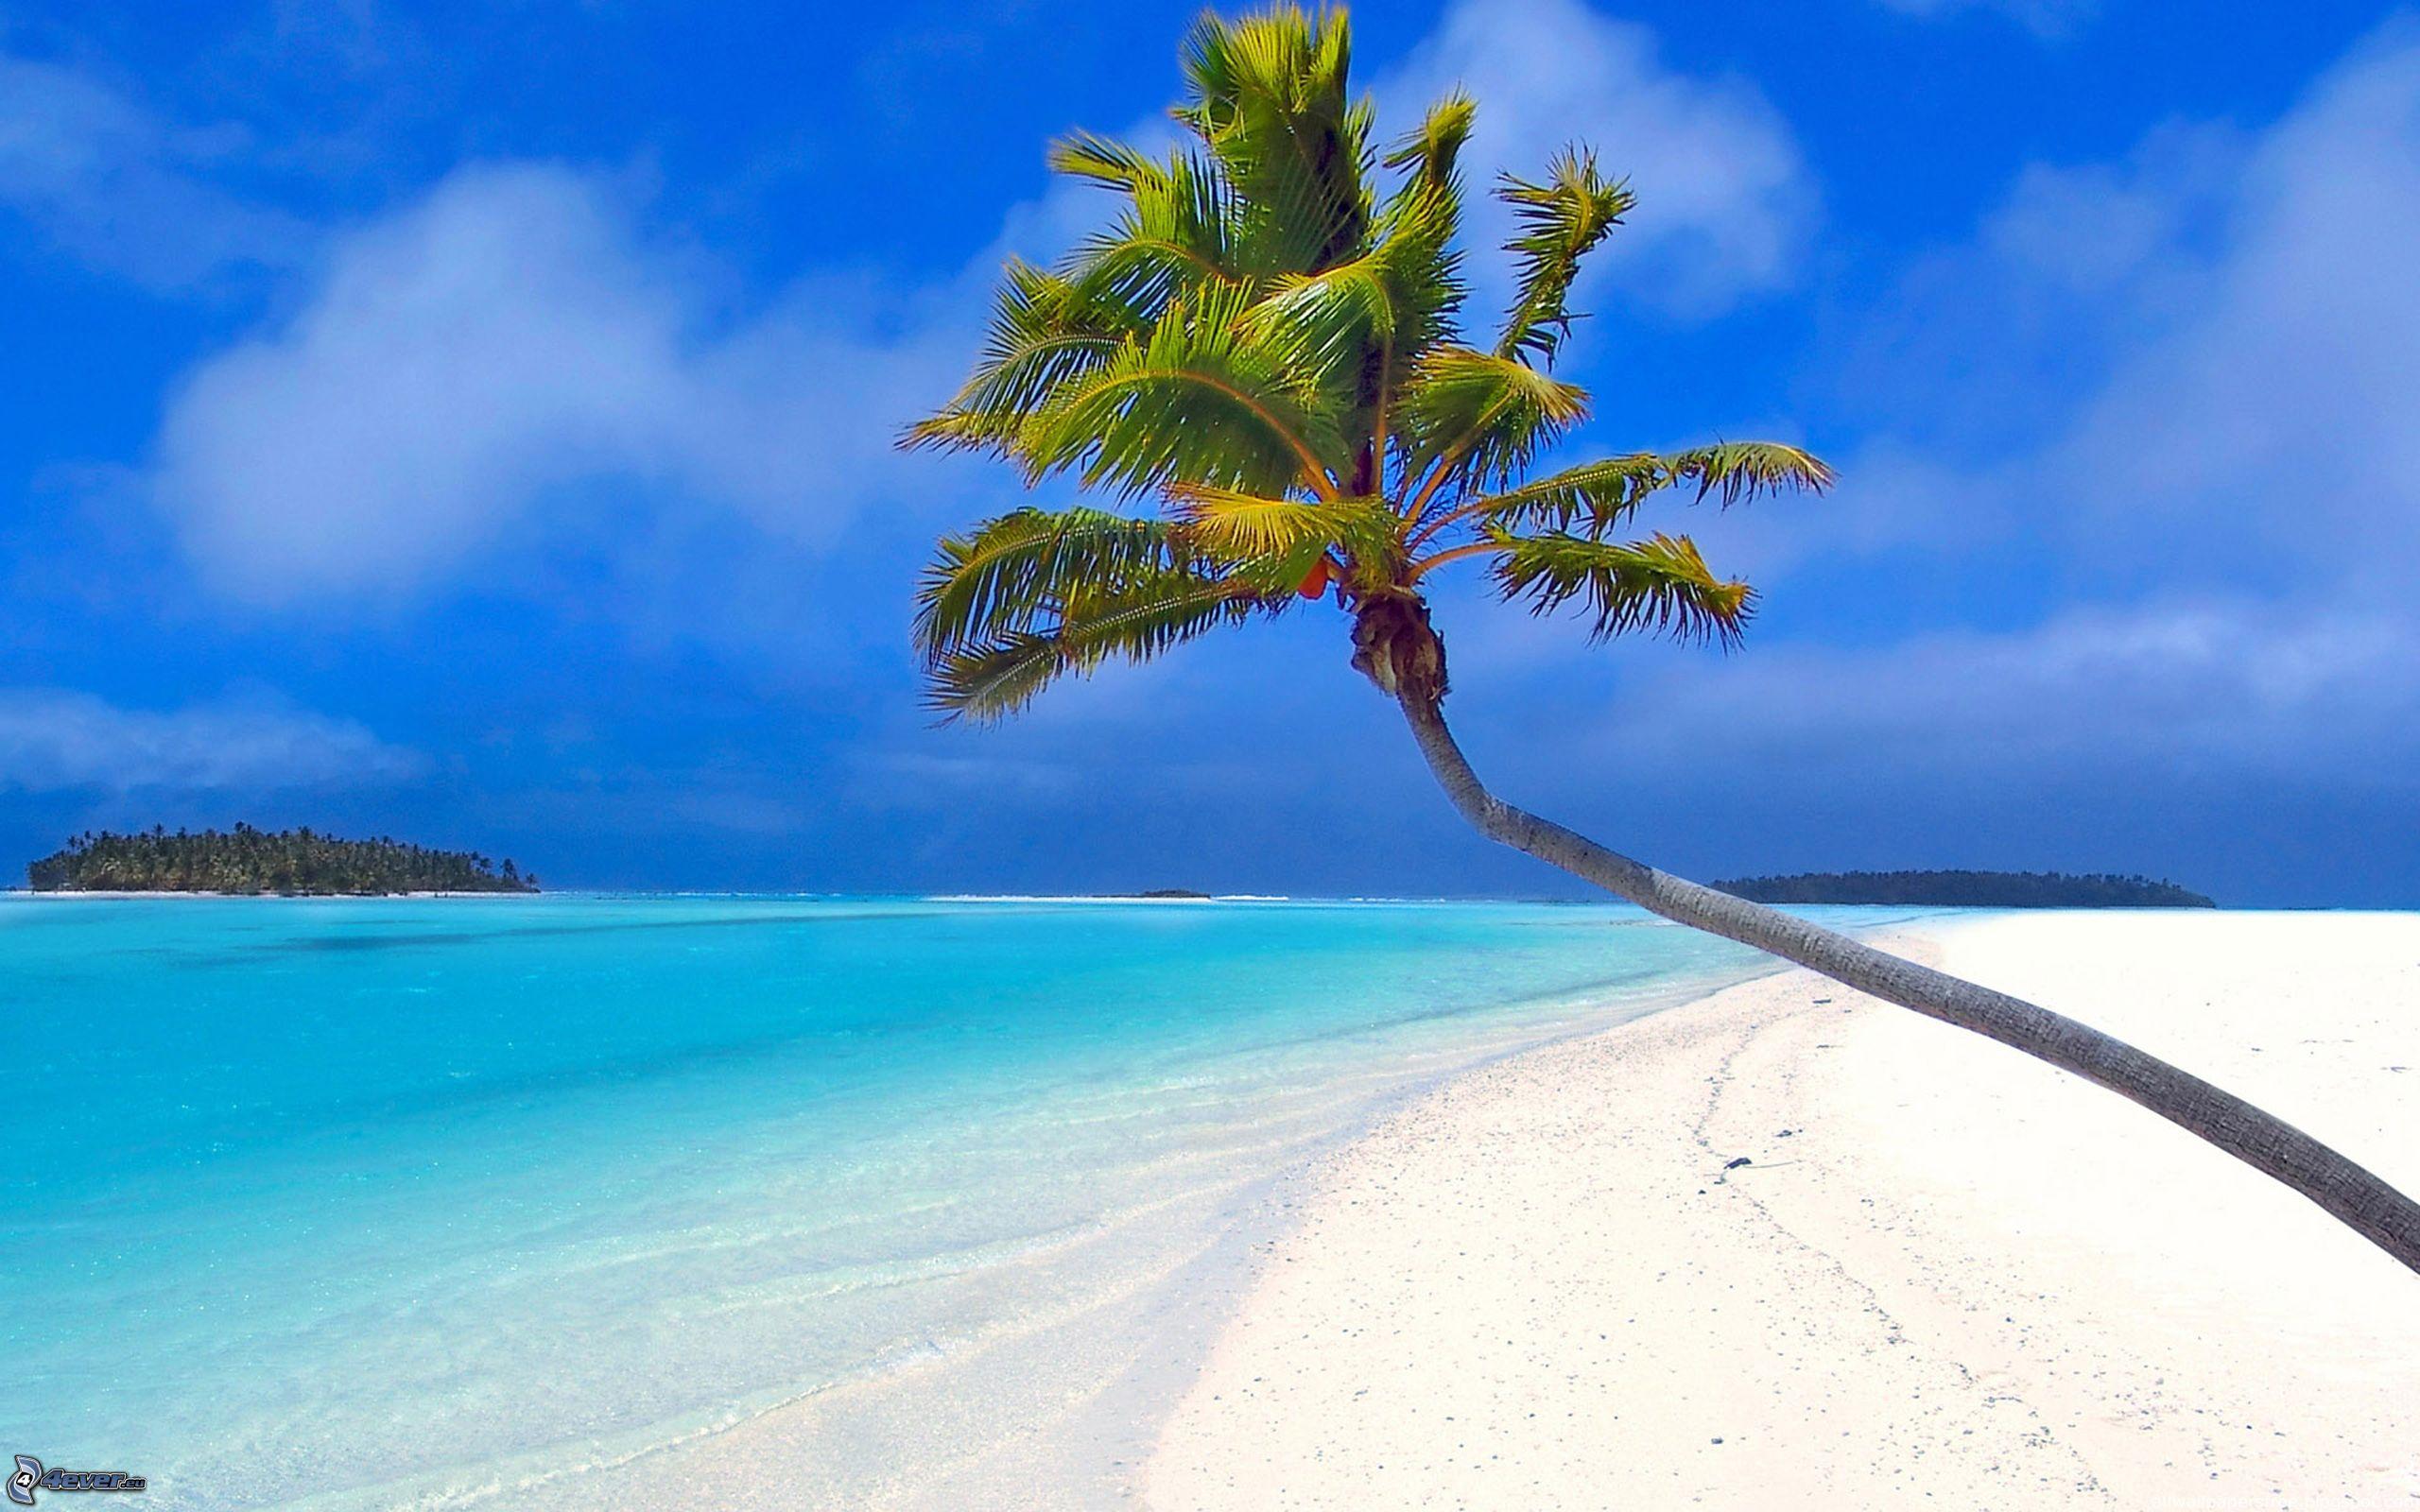 palme u00fcber dem sandstrand